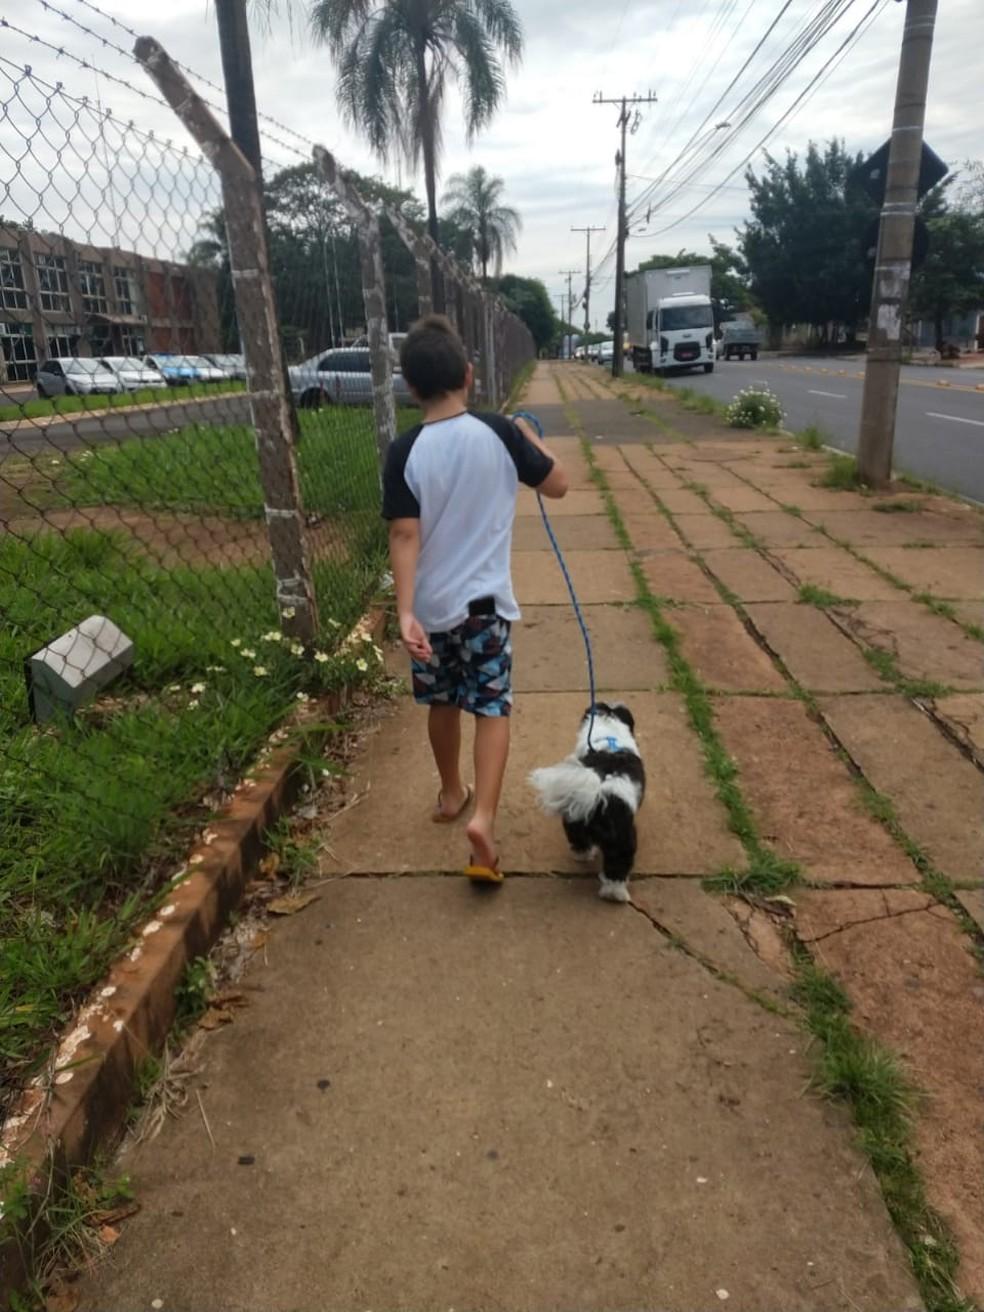 É aconselhável dar banho no animal ao chegar da rua, explica o médico veterinário — Foto: Arquivo Pessoal/Fábio Barbosa